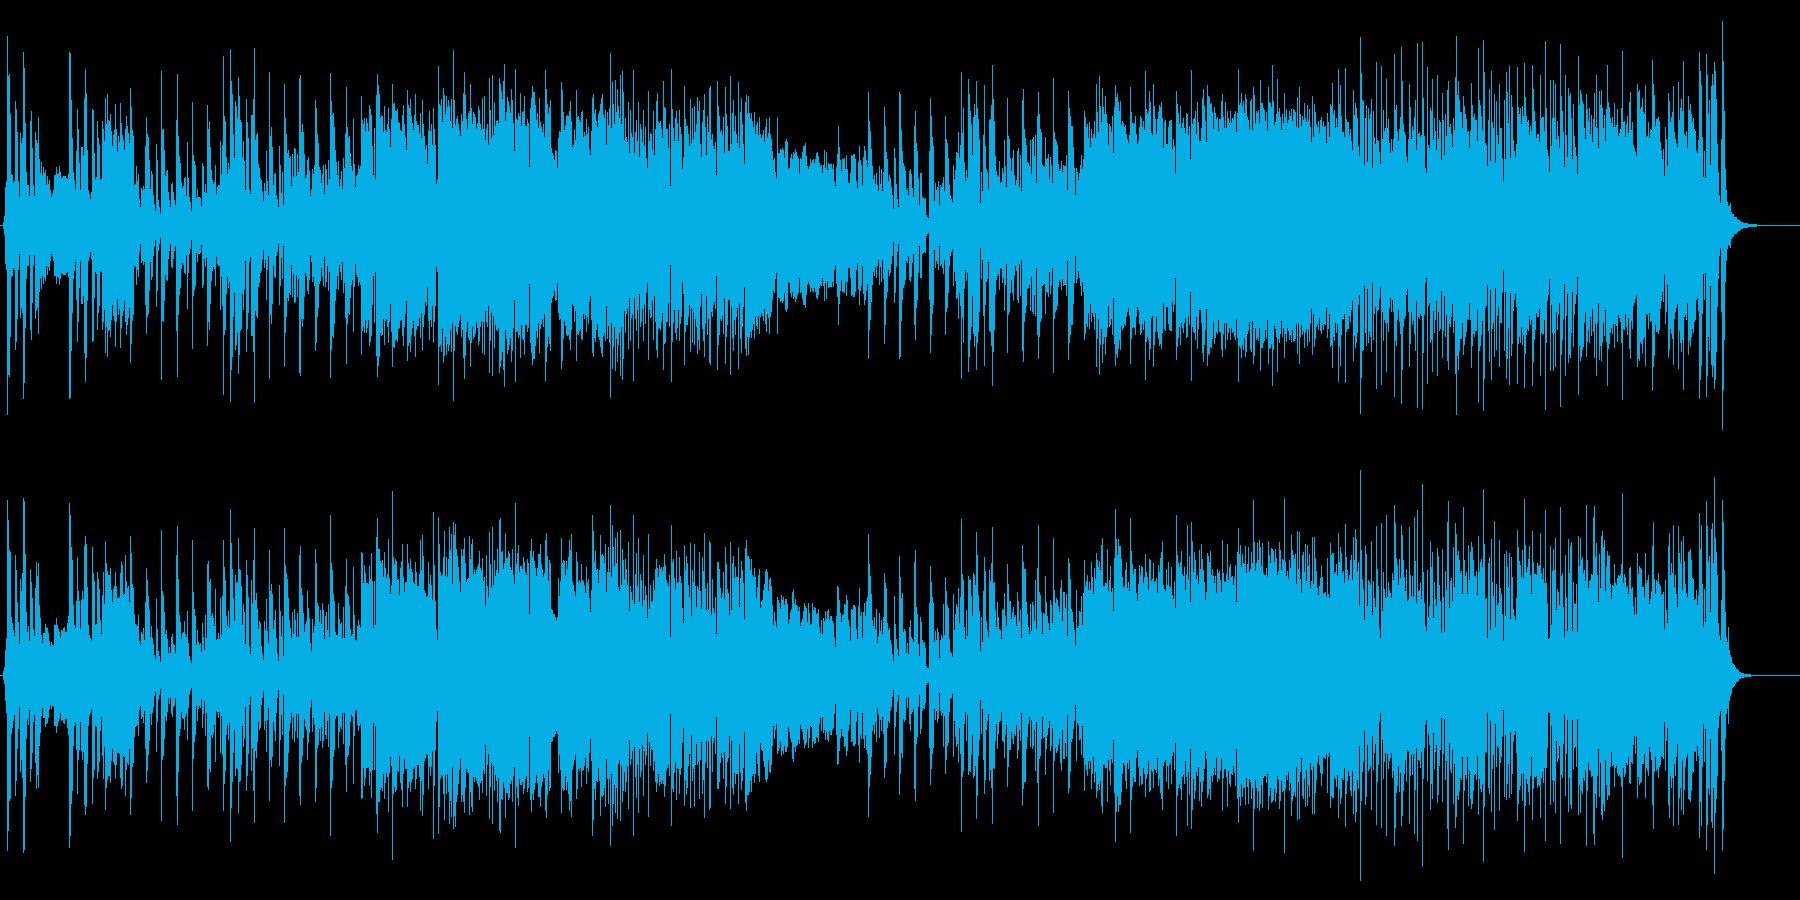 民族っぽい_テーマ曲の再生済みの波形